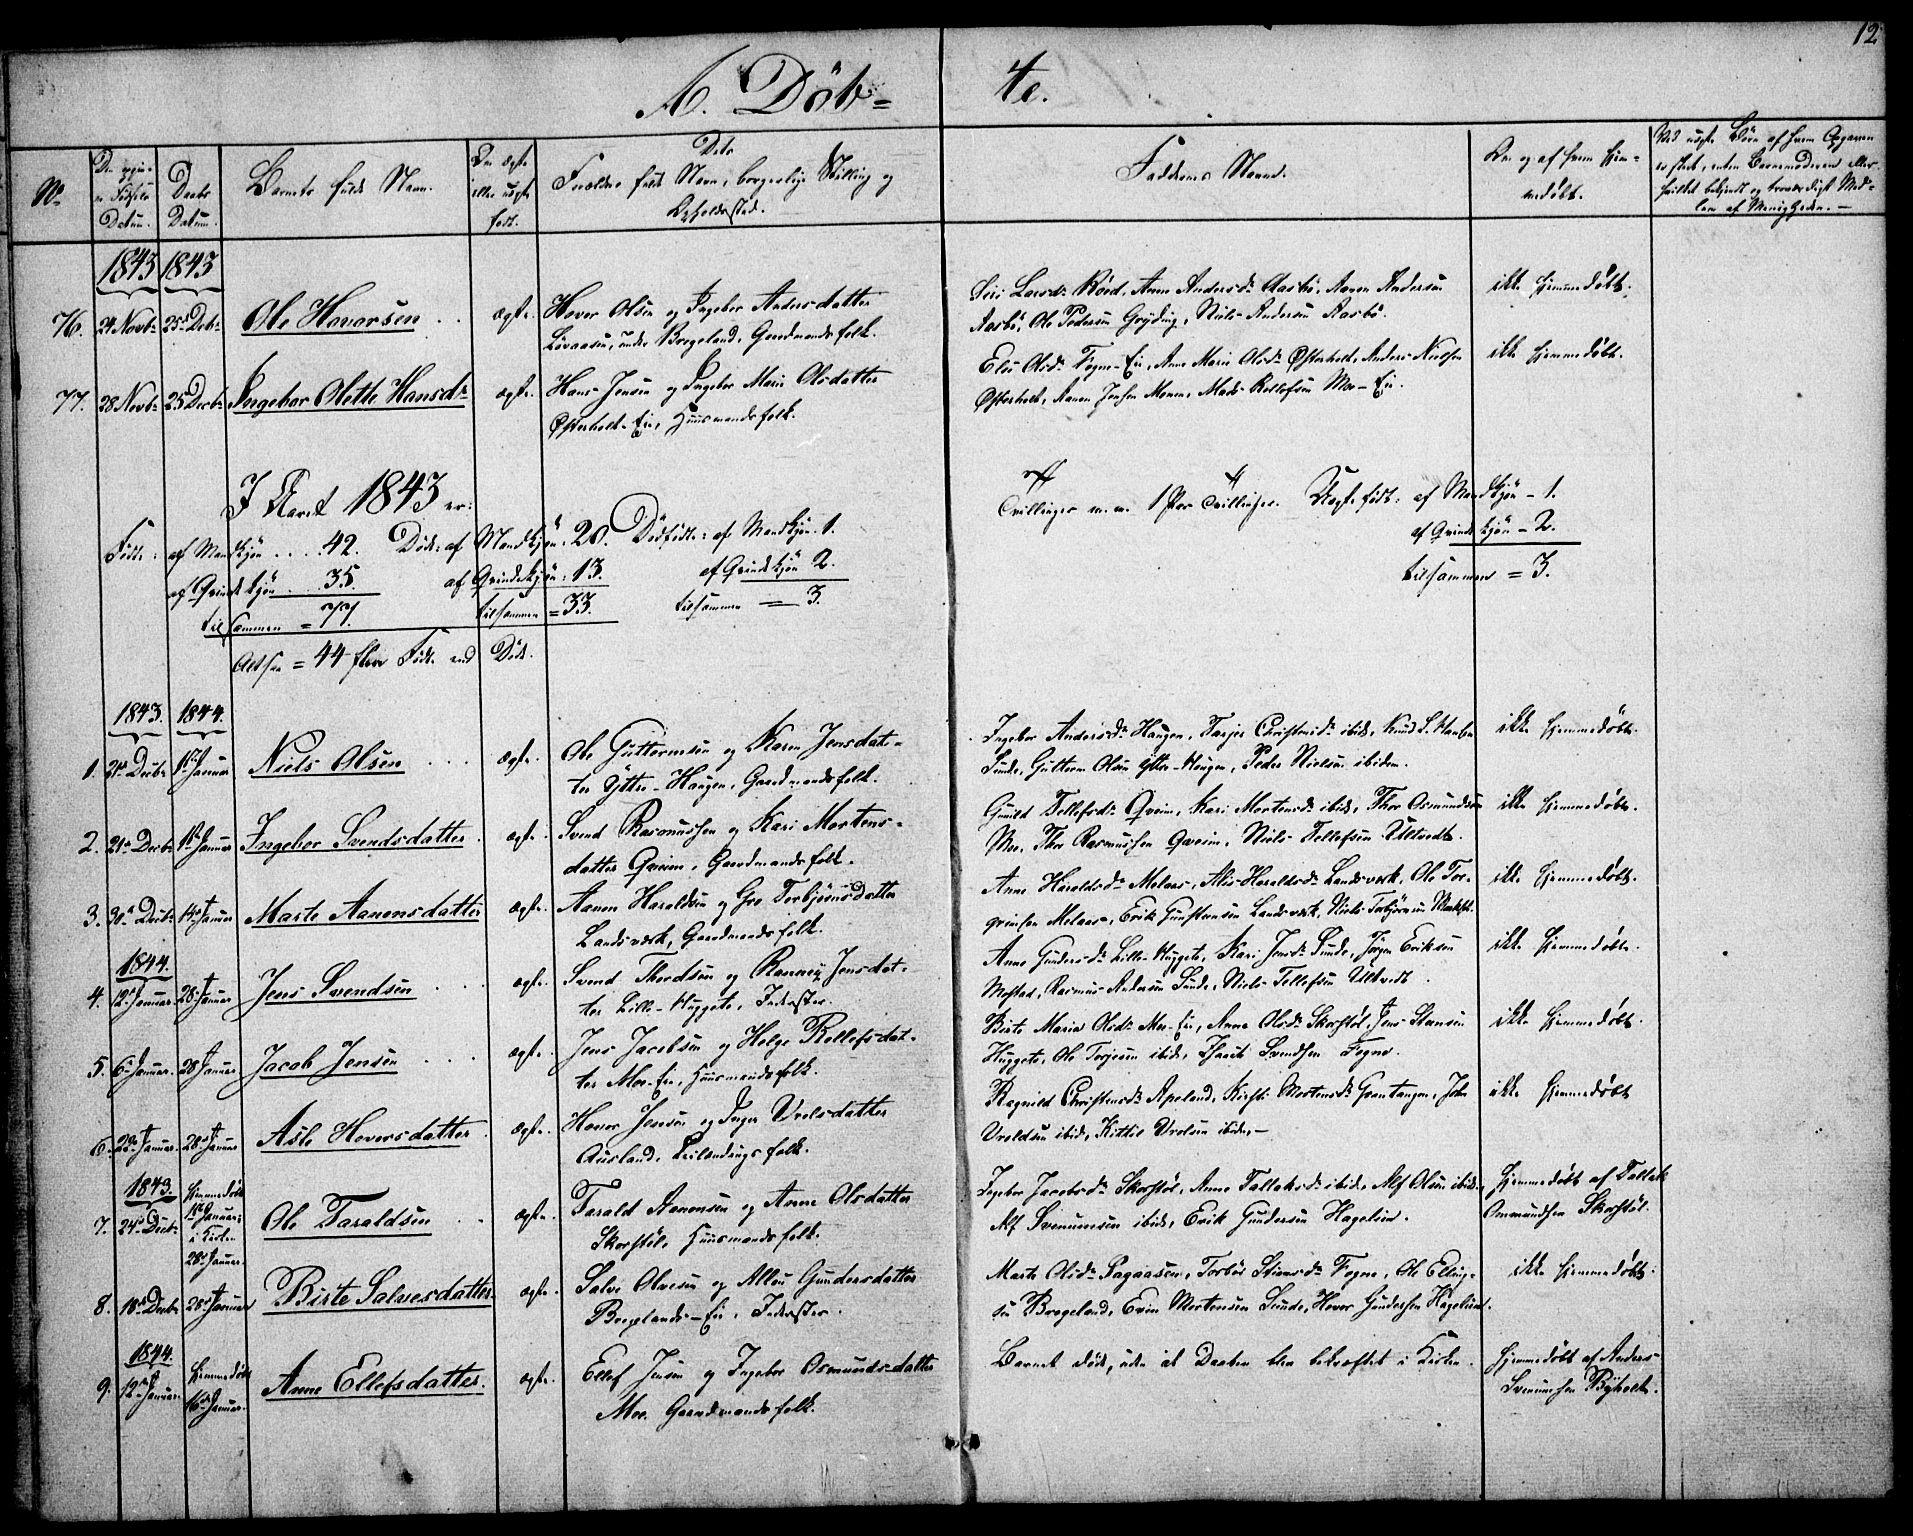 SAK, Gjerstad sokneprestkontor, F/Fa/Faa/L0006: Ministerialbok nr. A 6, 1841-1857, s. 12